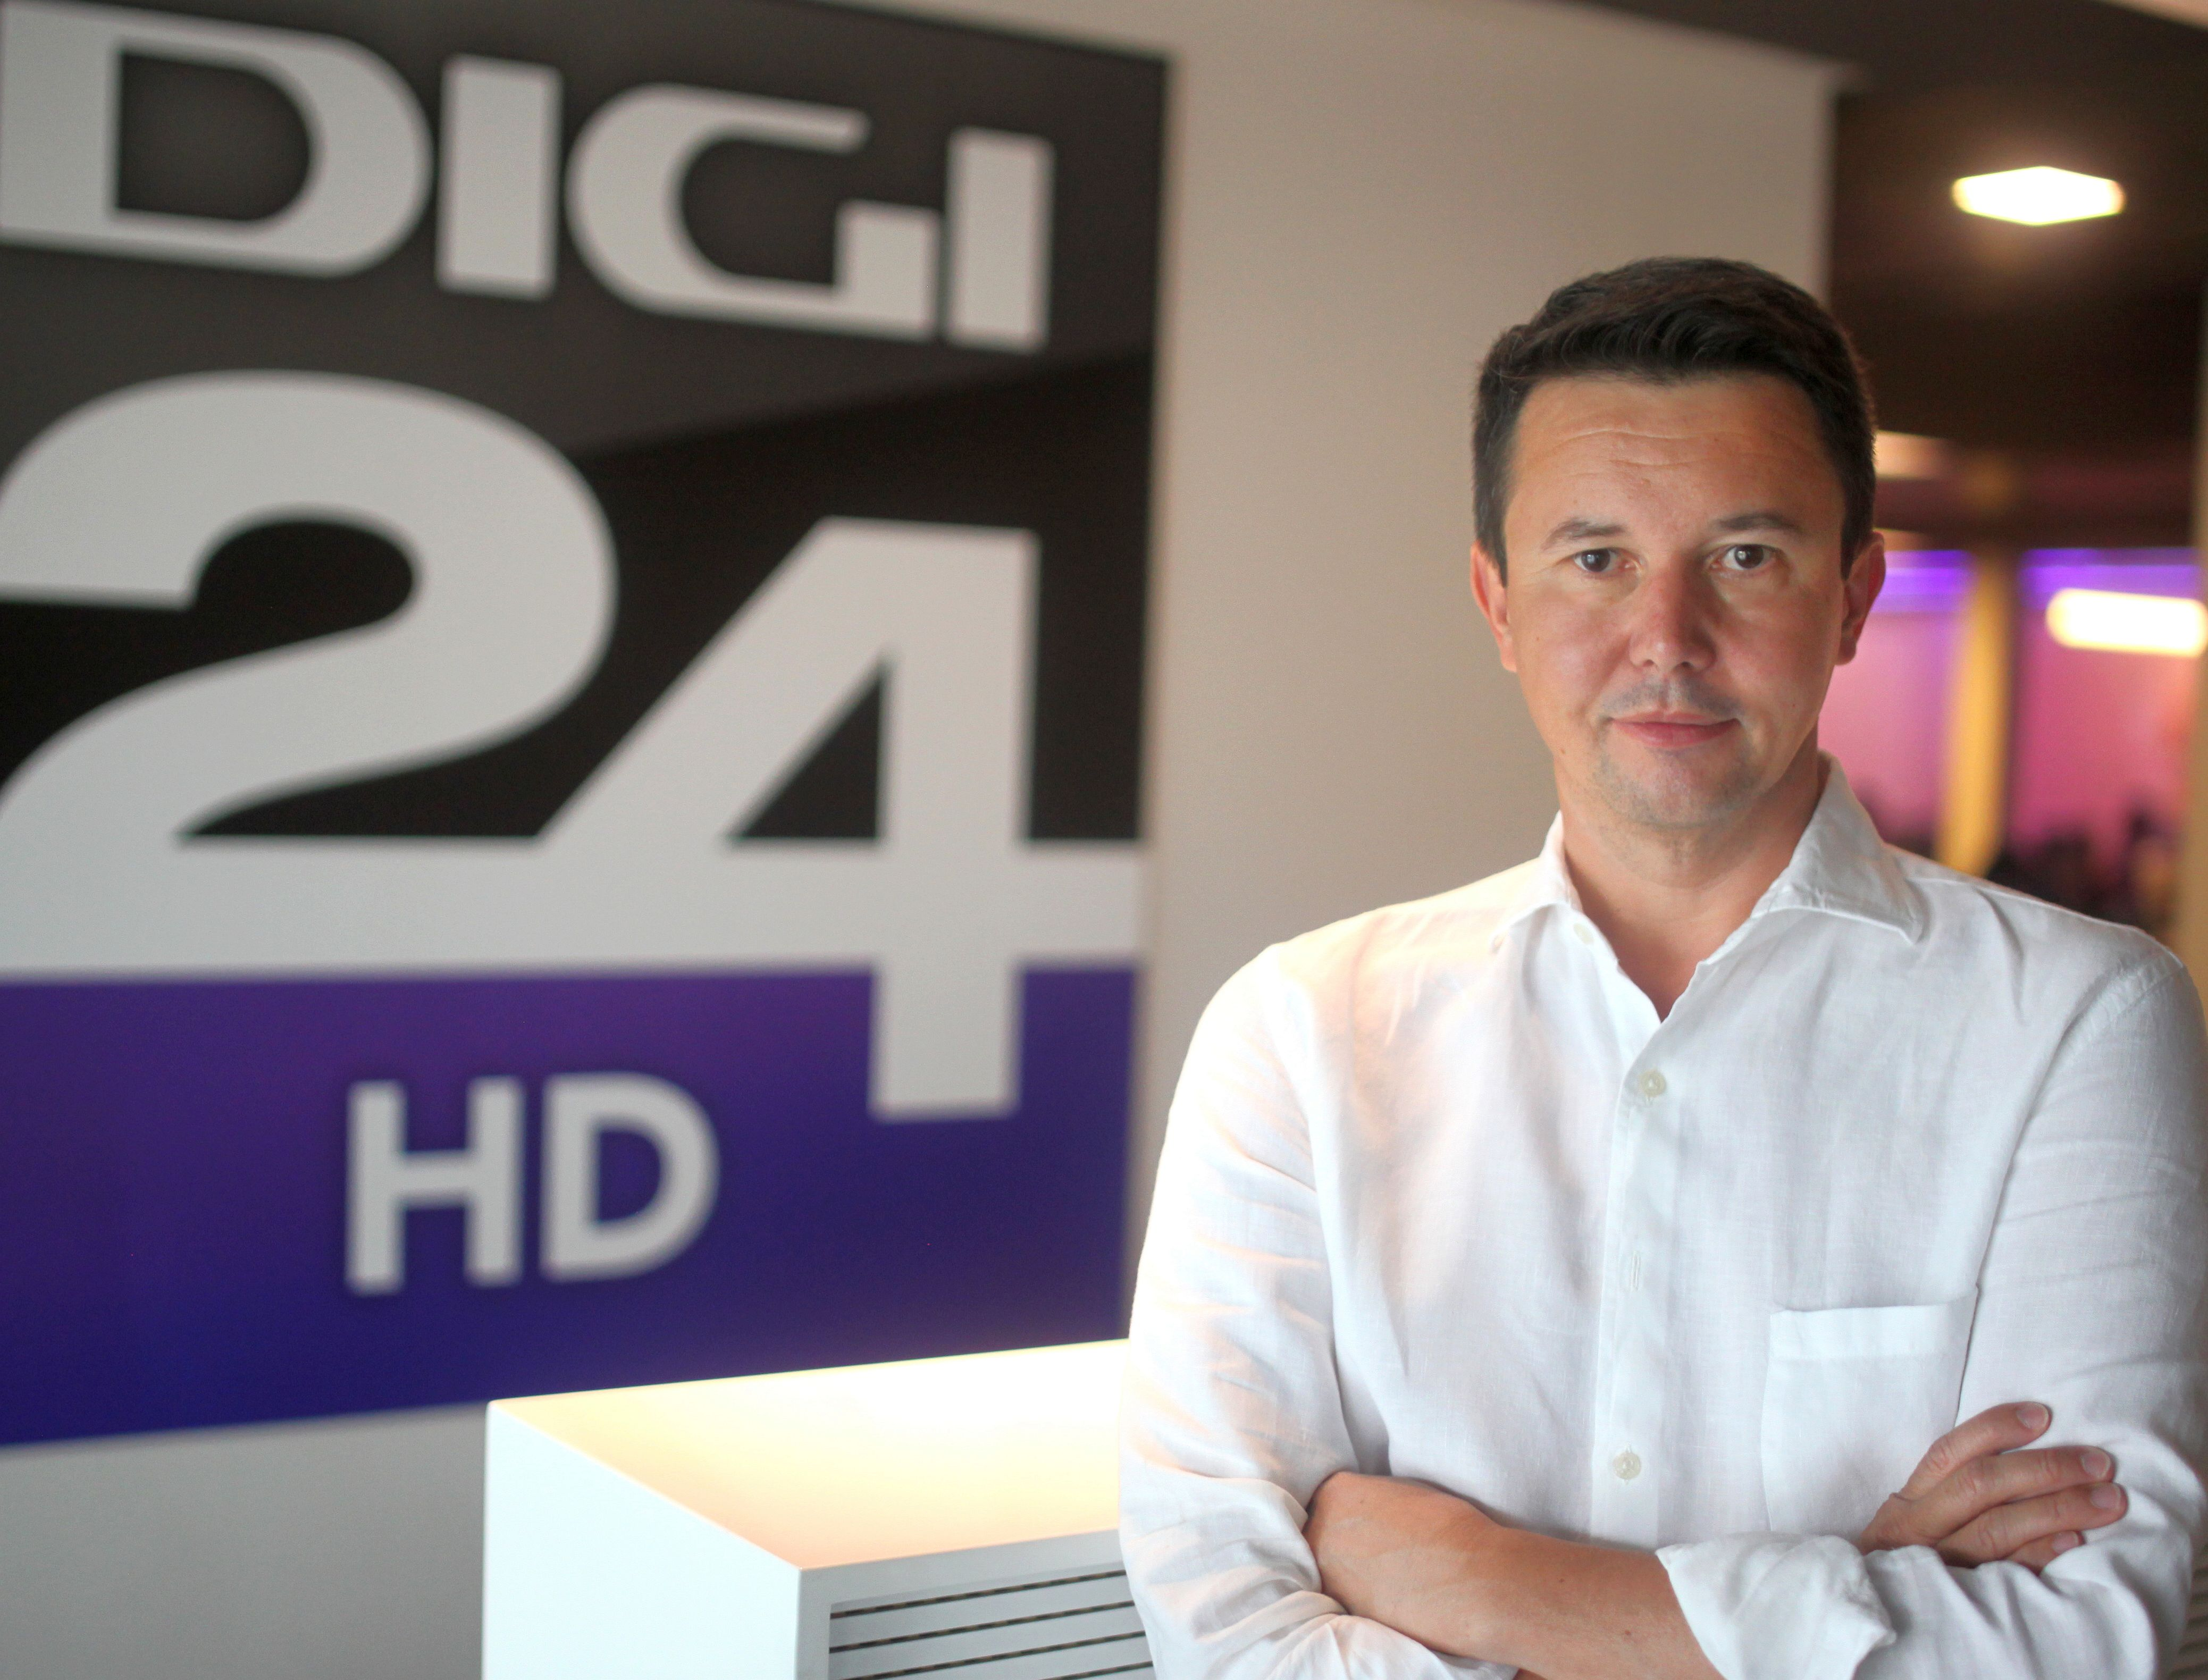 S-a relansat website-ul www.digi24.ro